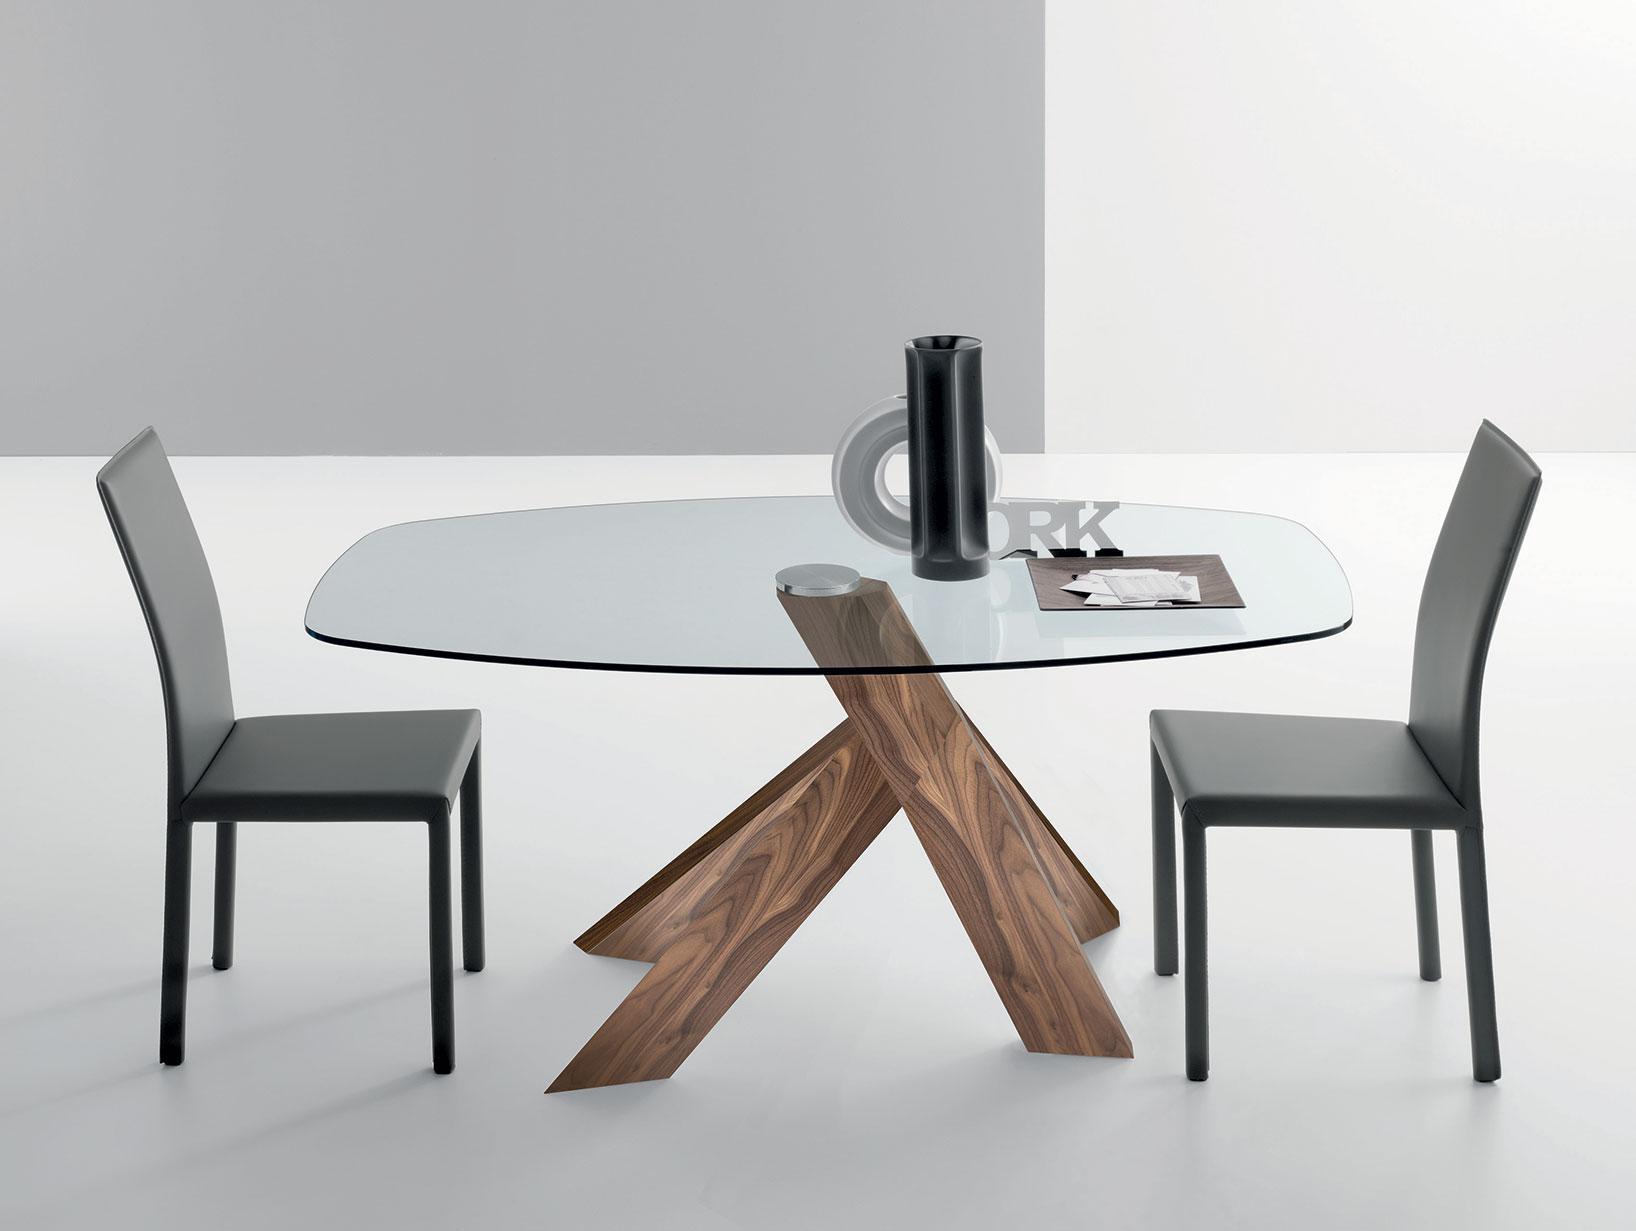 Elipse tavolo ovale fisso in noce canaletto e vetro for Tavolo ovale allungabile vetro